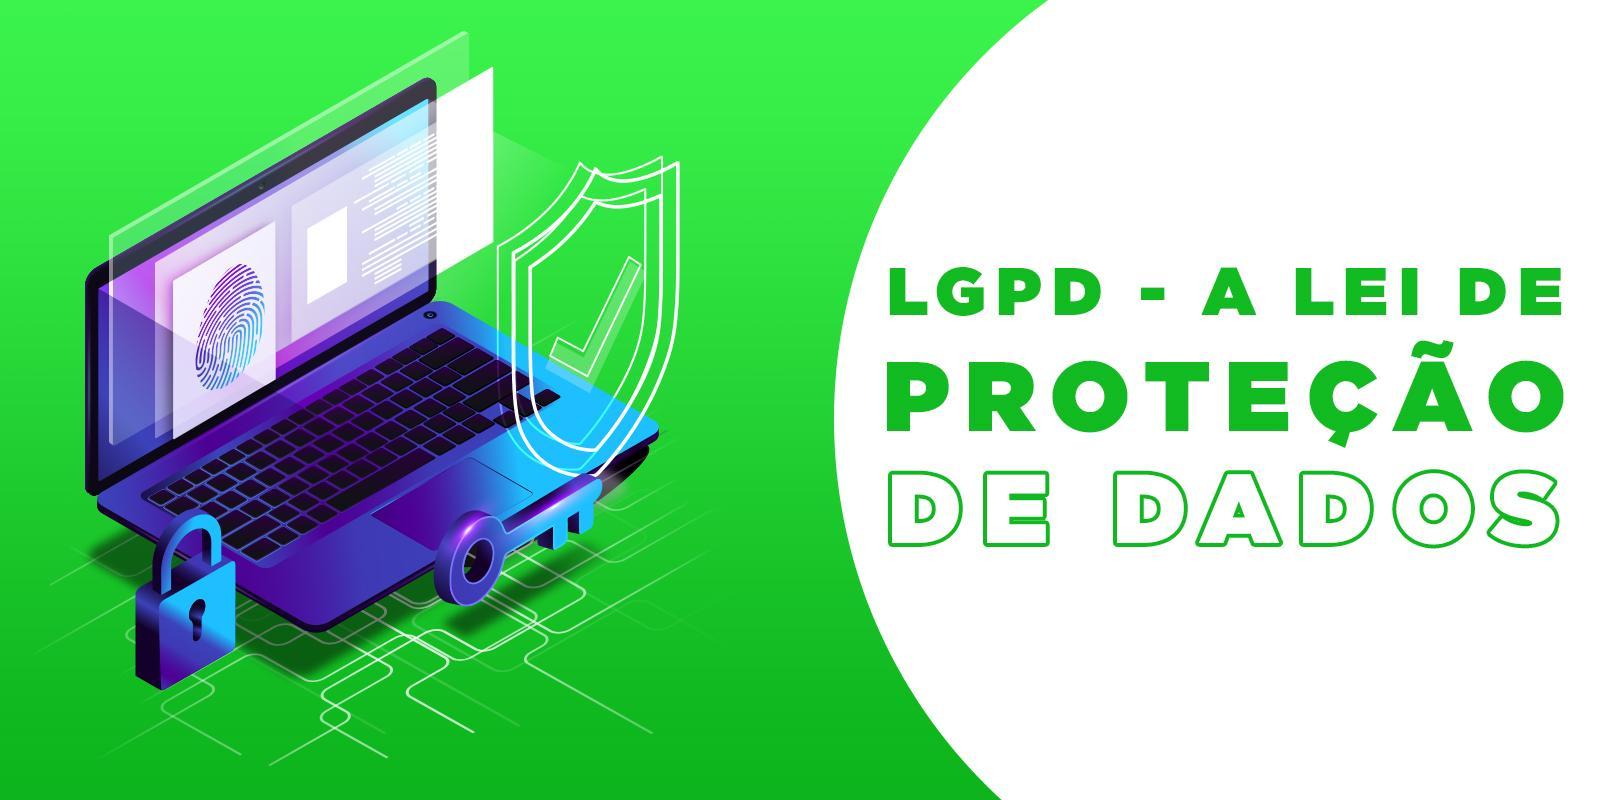 LGPD - A nova norma para proteção de dados e sistemas de segurança.